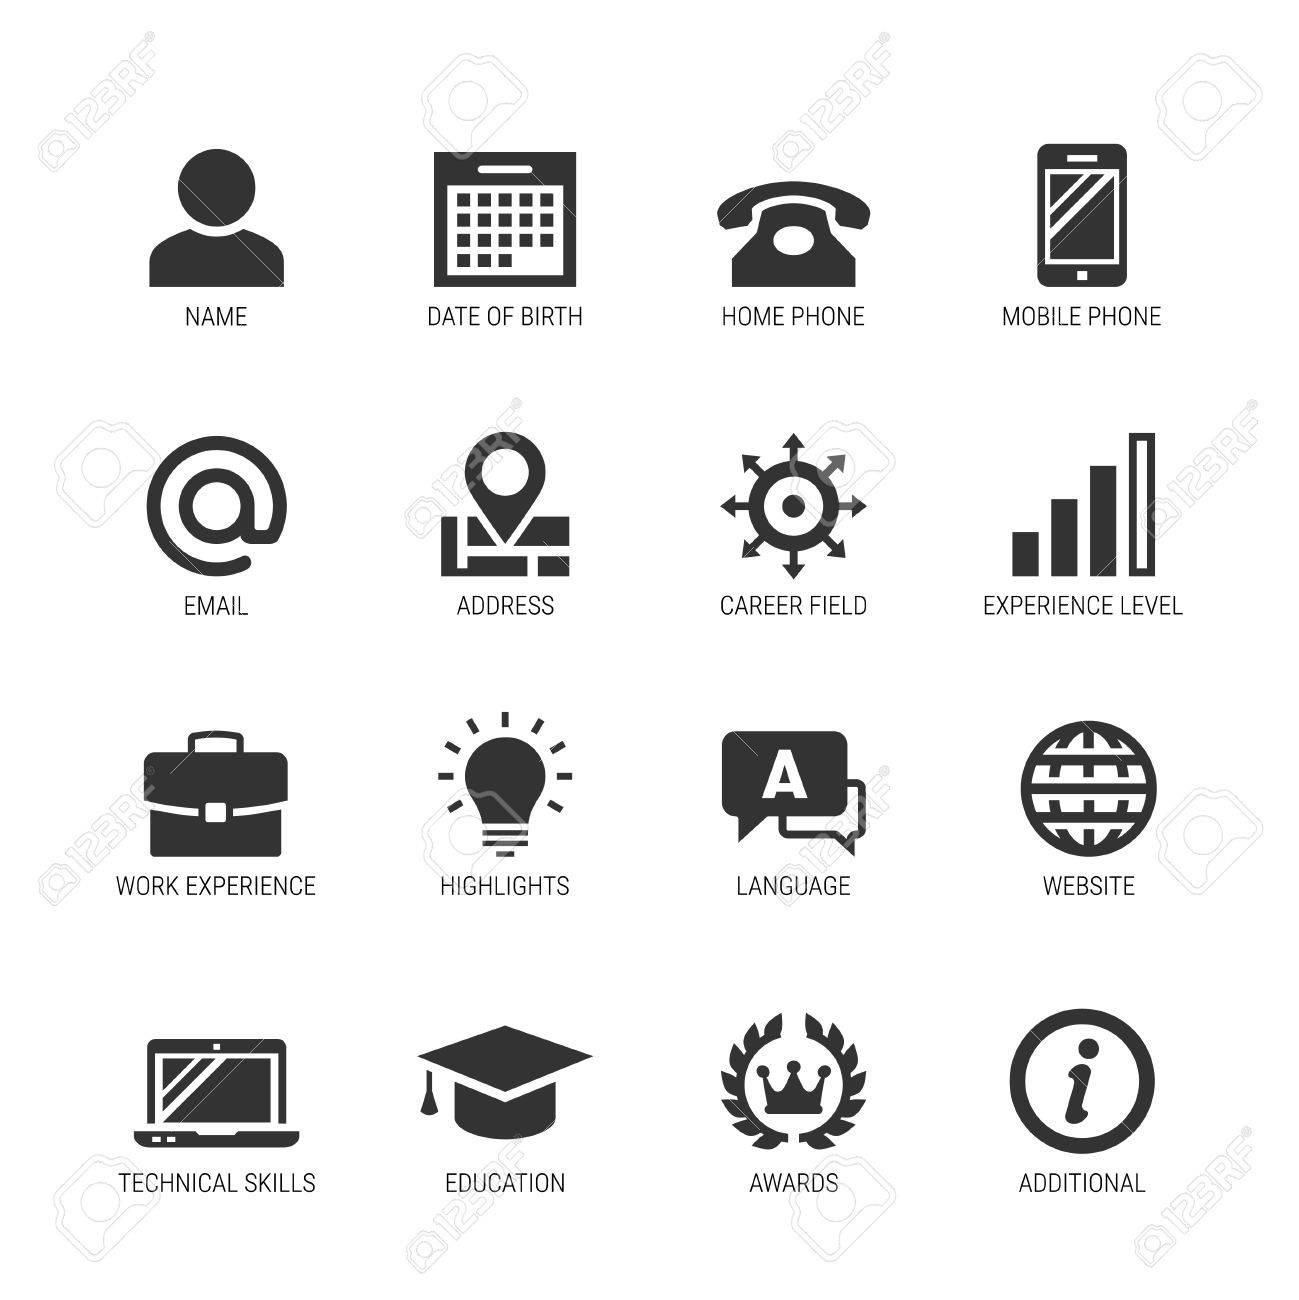 Ensemble D Icones De Vecteur Associe A Curriculum Vitae Ou Curriculum Vitae Clip Art Libres De Droits Vecteurs Et Illustration Image 79110026